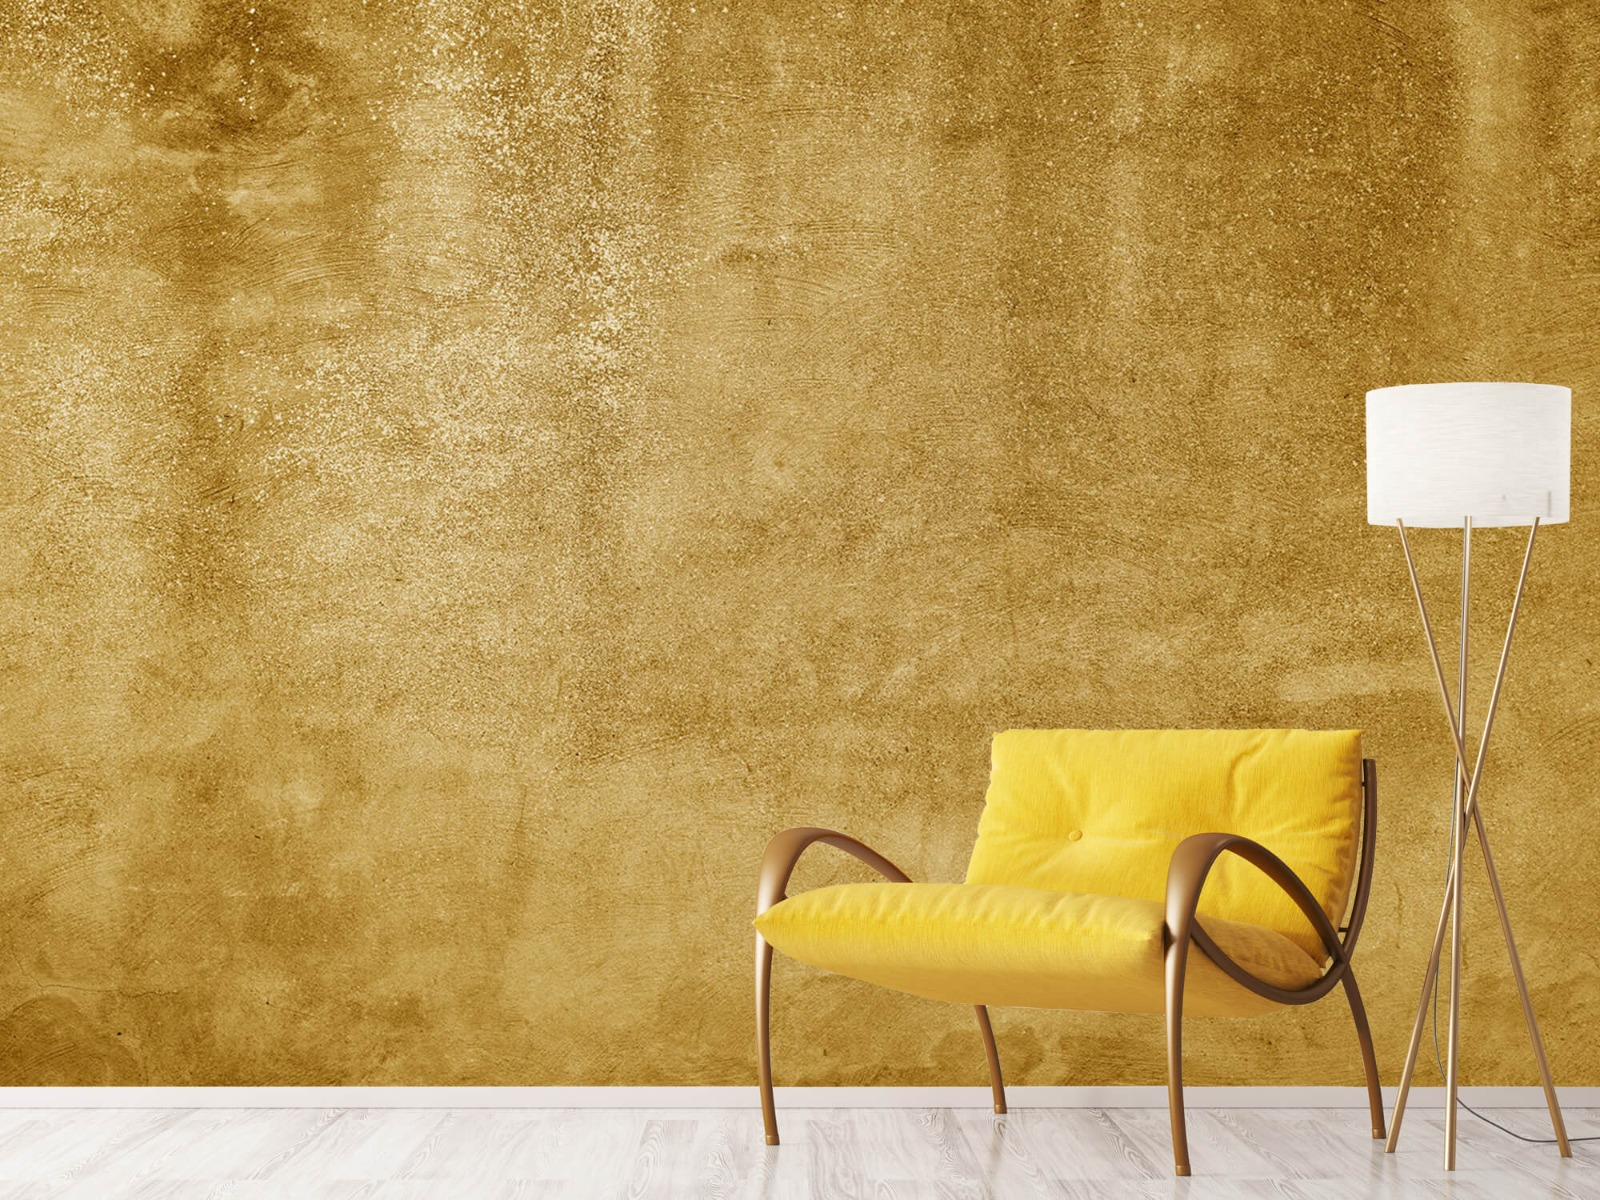 Betonoptik Tapete - Ockerhaltiger gelber Beton auf Fototapete - Wohnzimmer 11